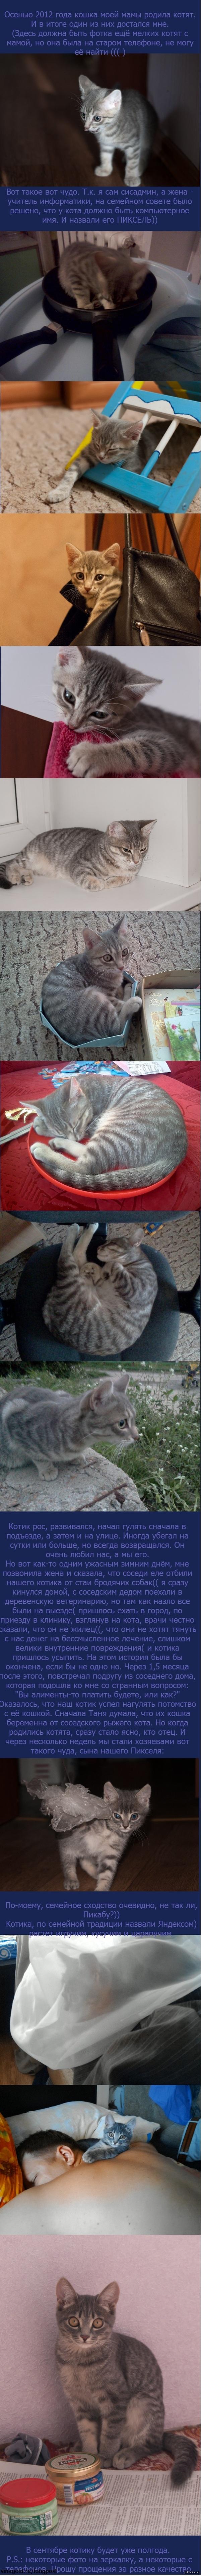 Пикабу любит котиков? Вот вам мои котики! Очень длиннопост о котиках, радостный и печальный одновременно.